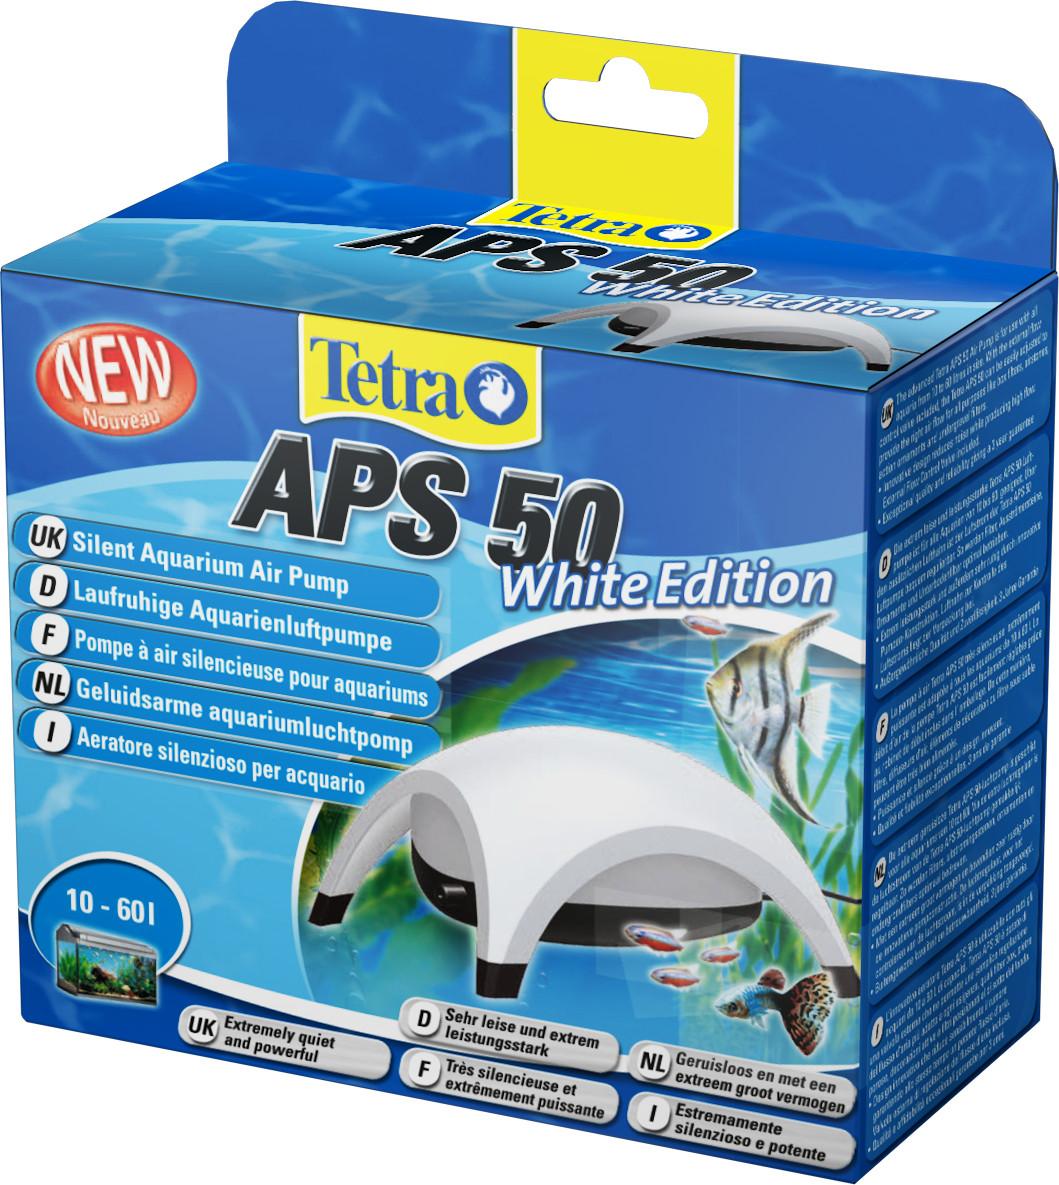 Компрессор TetraTec APS 50 для аквариума одноканальный белый - Интернет-зоомагазин Royal Zoo в Харькове